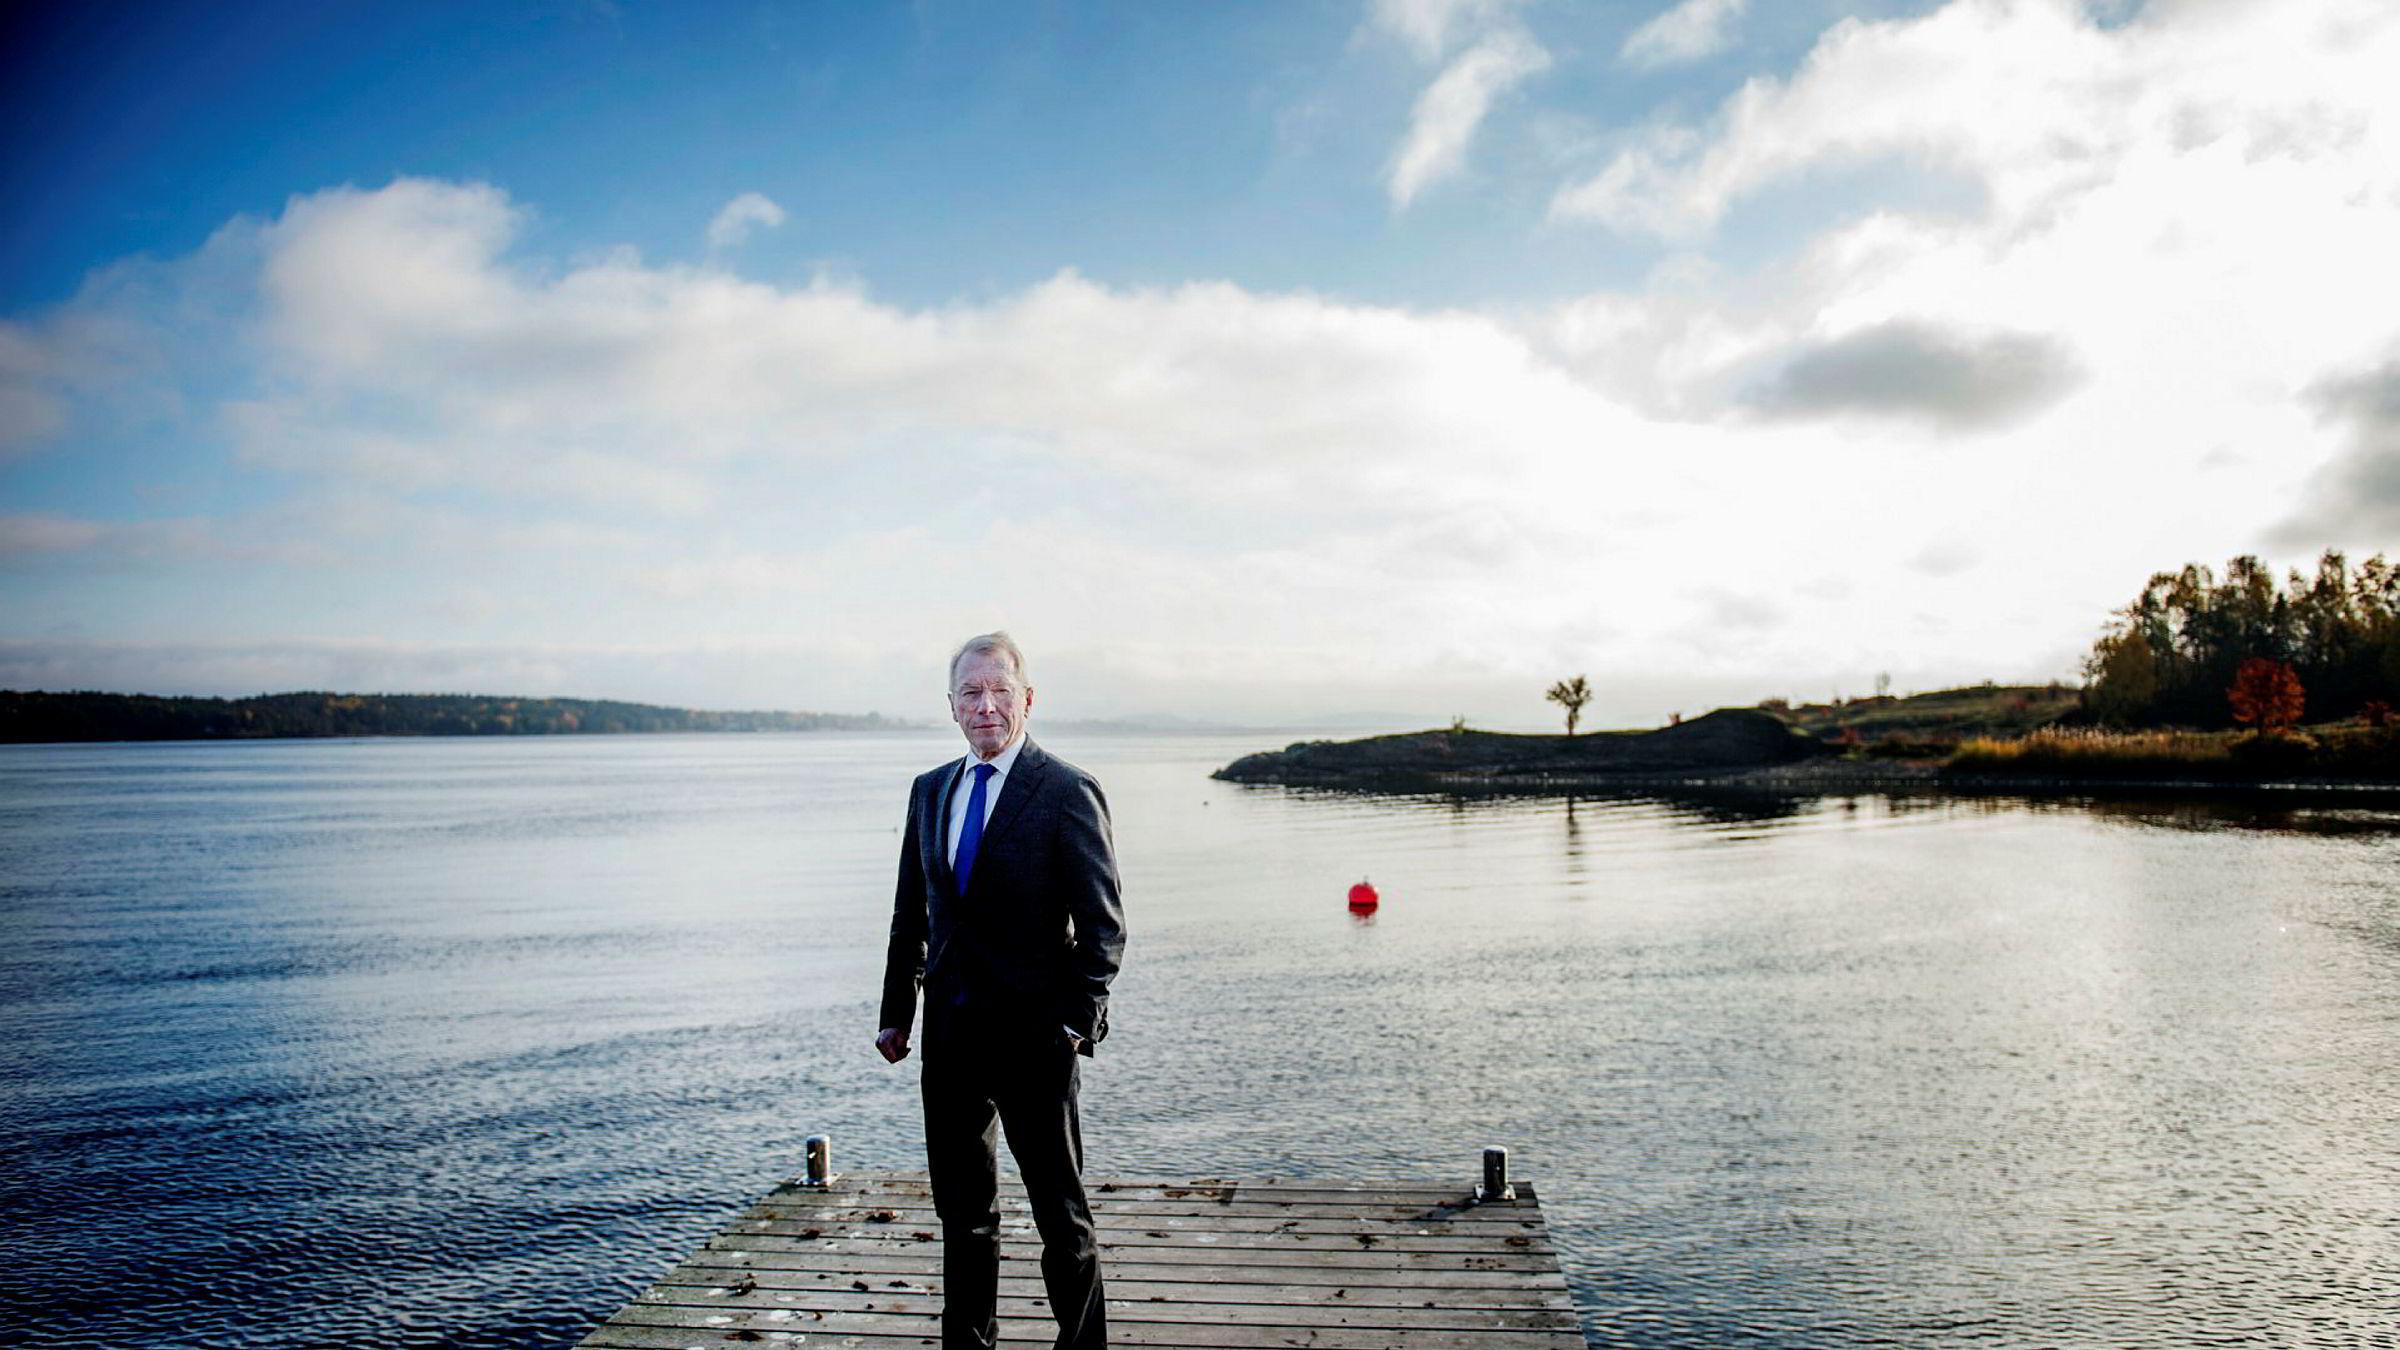 Investor og næringslivsleder Jens Ulltveit-Moe mener regjeringen sløser med skattebetalernes penger ved å gi krisehjelp til den kriserammede papirprodusenten Norske Skog.